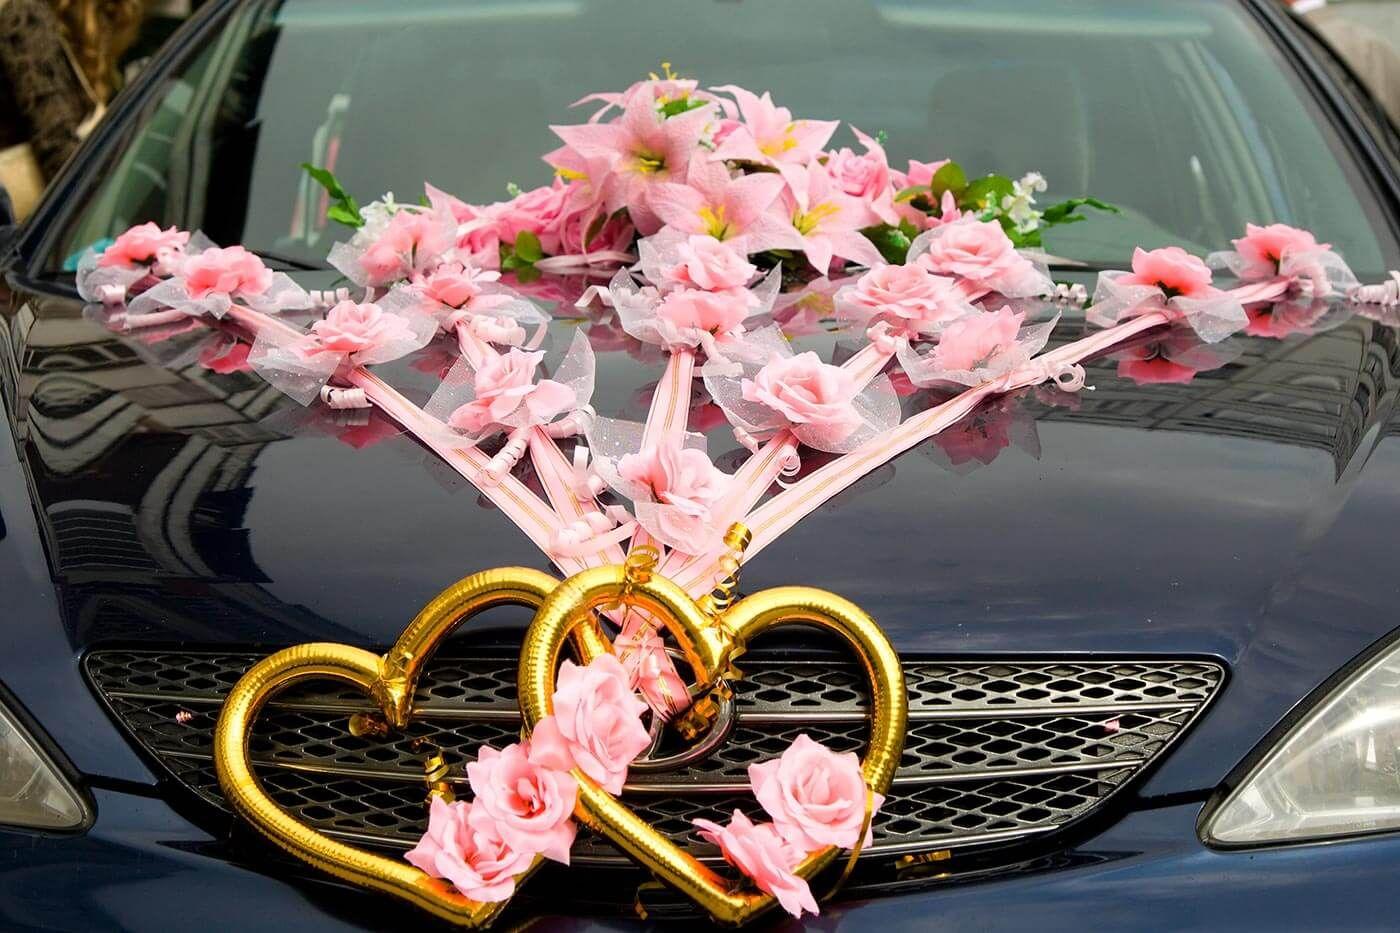 Autoschmuck Zur Hochzeit Bildergalerie Mit Vielen Beispielen Hochzeitsautos Autoschmuck Hochzeit Hochzeitsspass